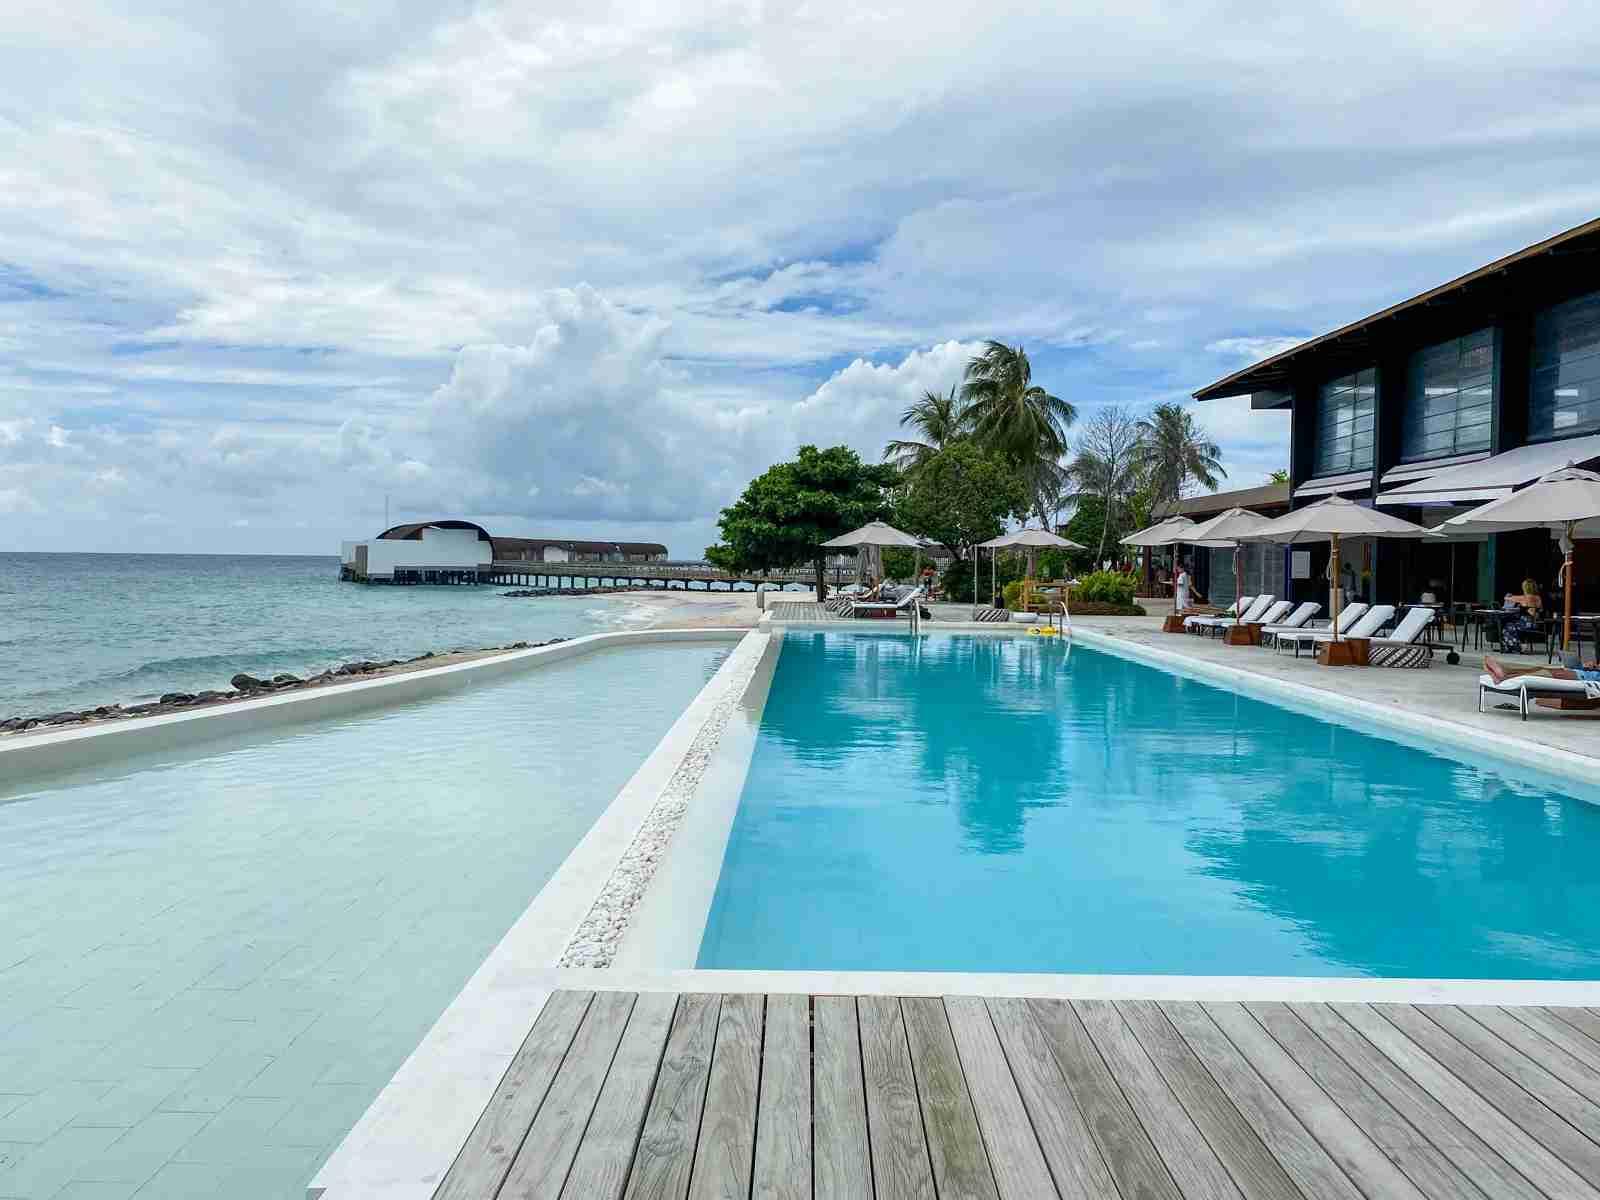 Westin Maldives (Photo by Samantha Rosen/The Points Guy)